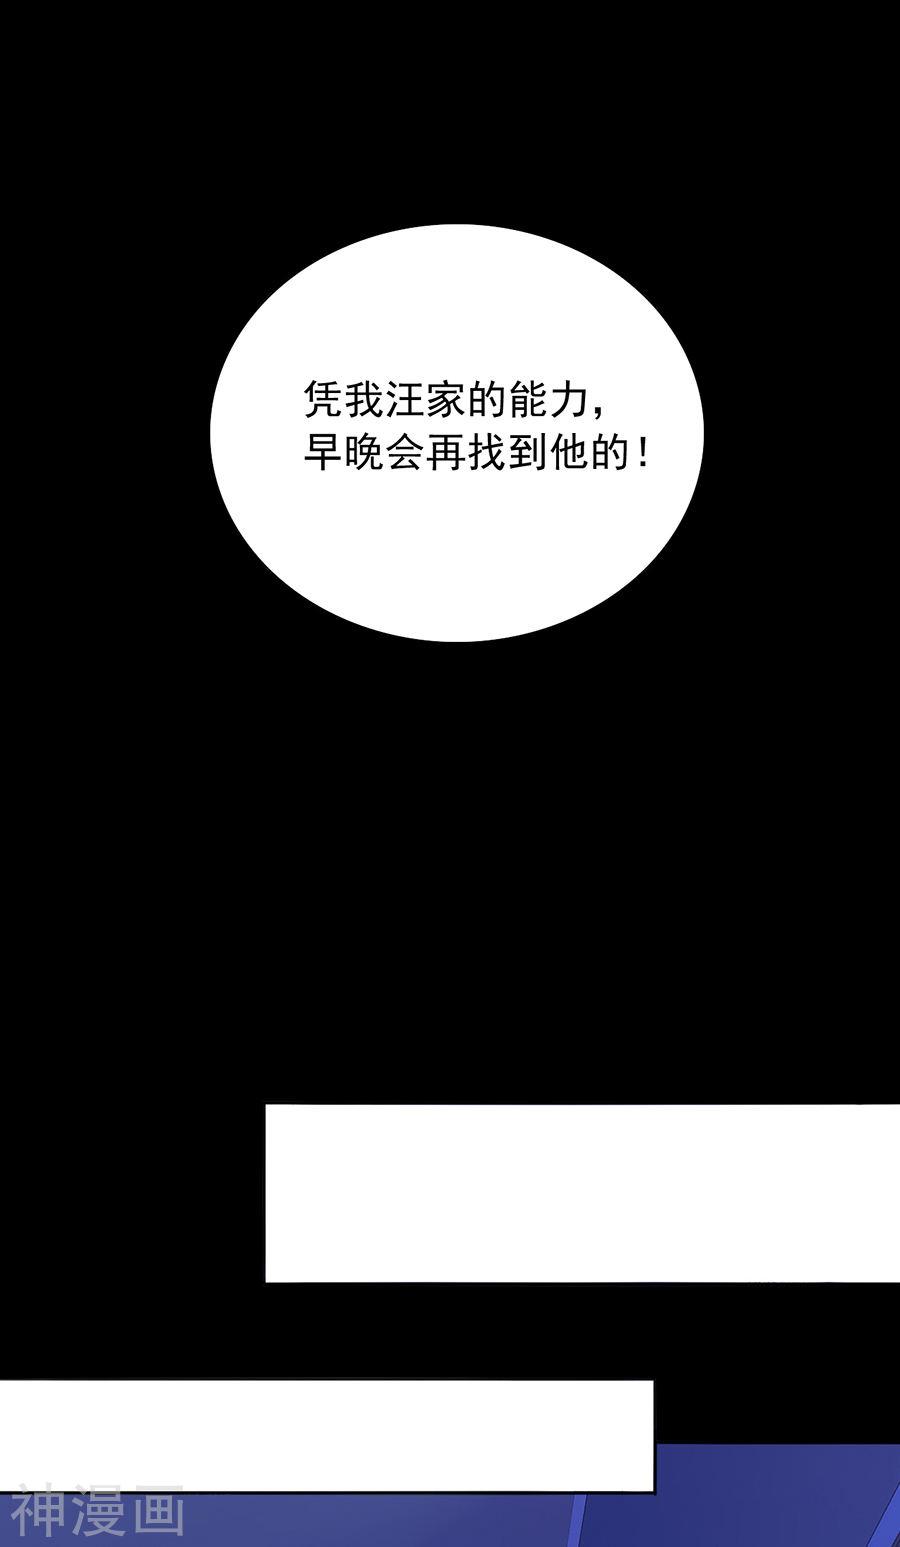 落難千金的逆襲: 96話 小夥子結婚了嗎 - 第9页